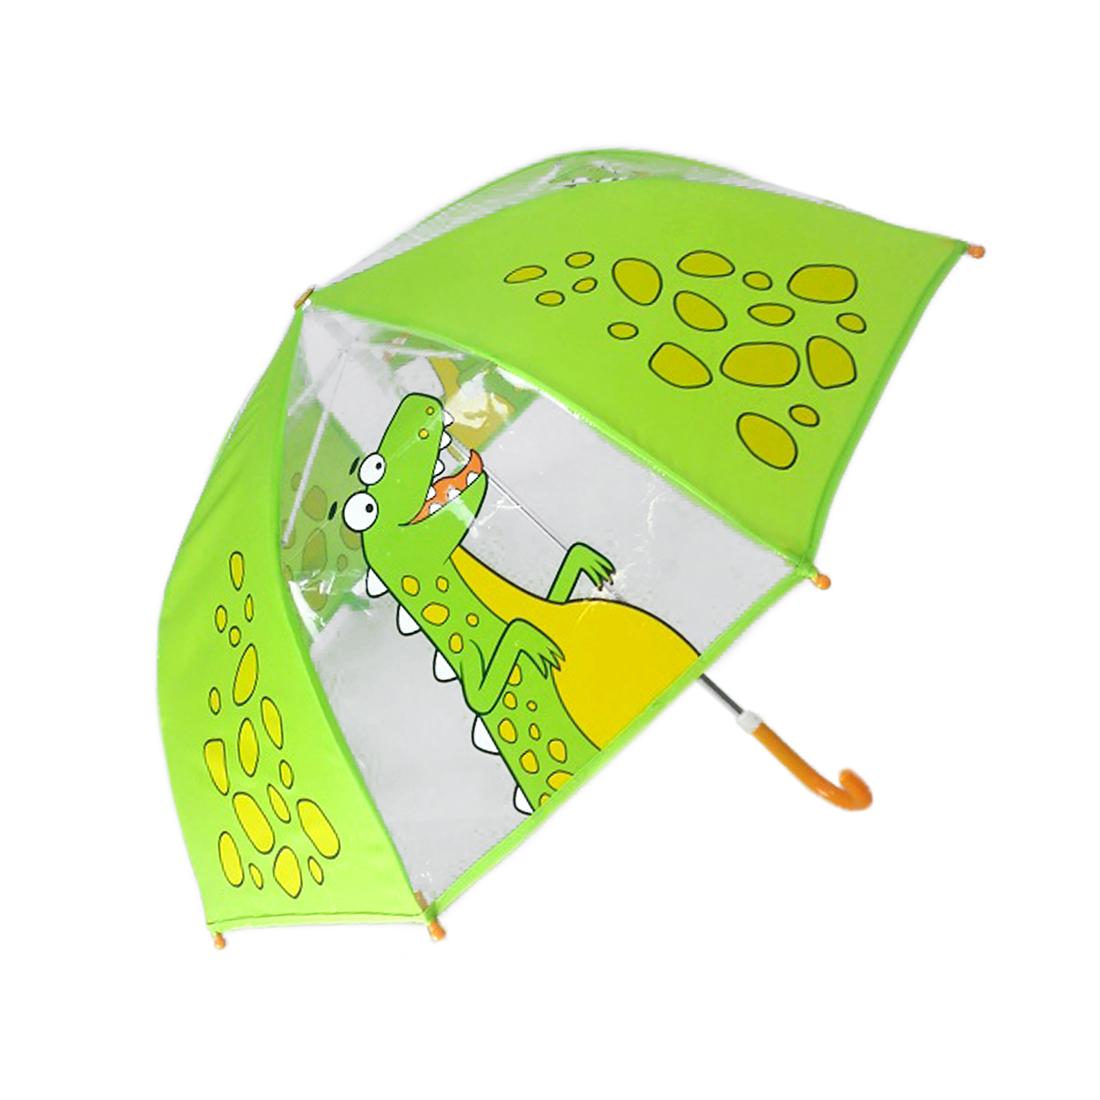 Зонты Mary Poppins Зонт детский Mary Poppins « Динозаврик» 46 см детские зонтики mary poppins автомобиль 46 см